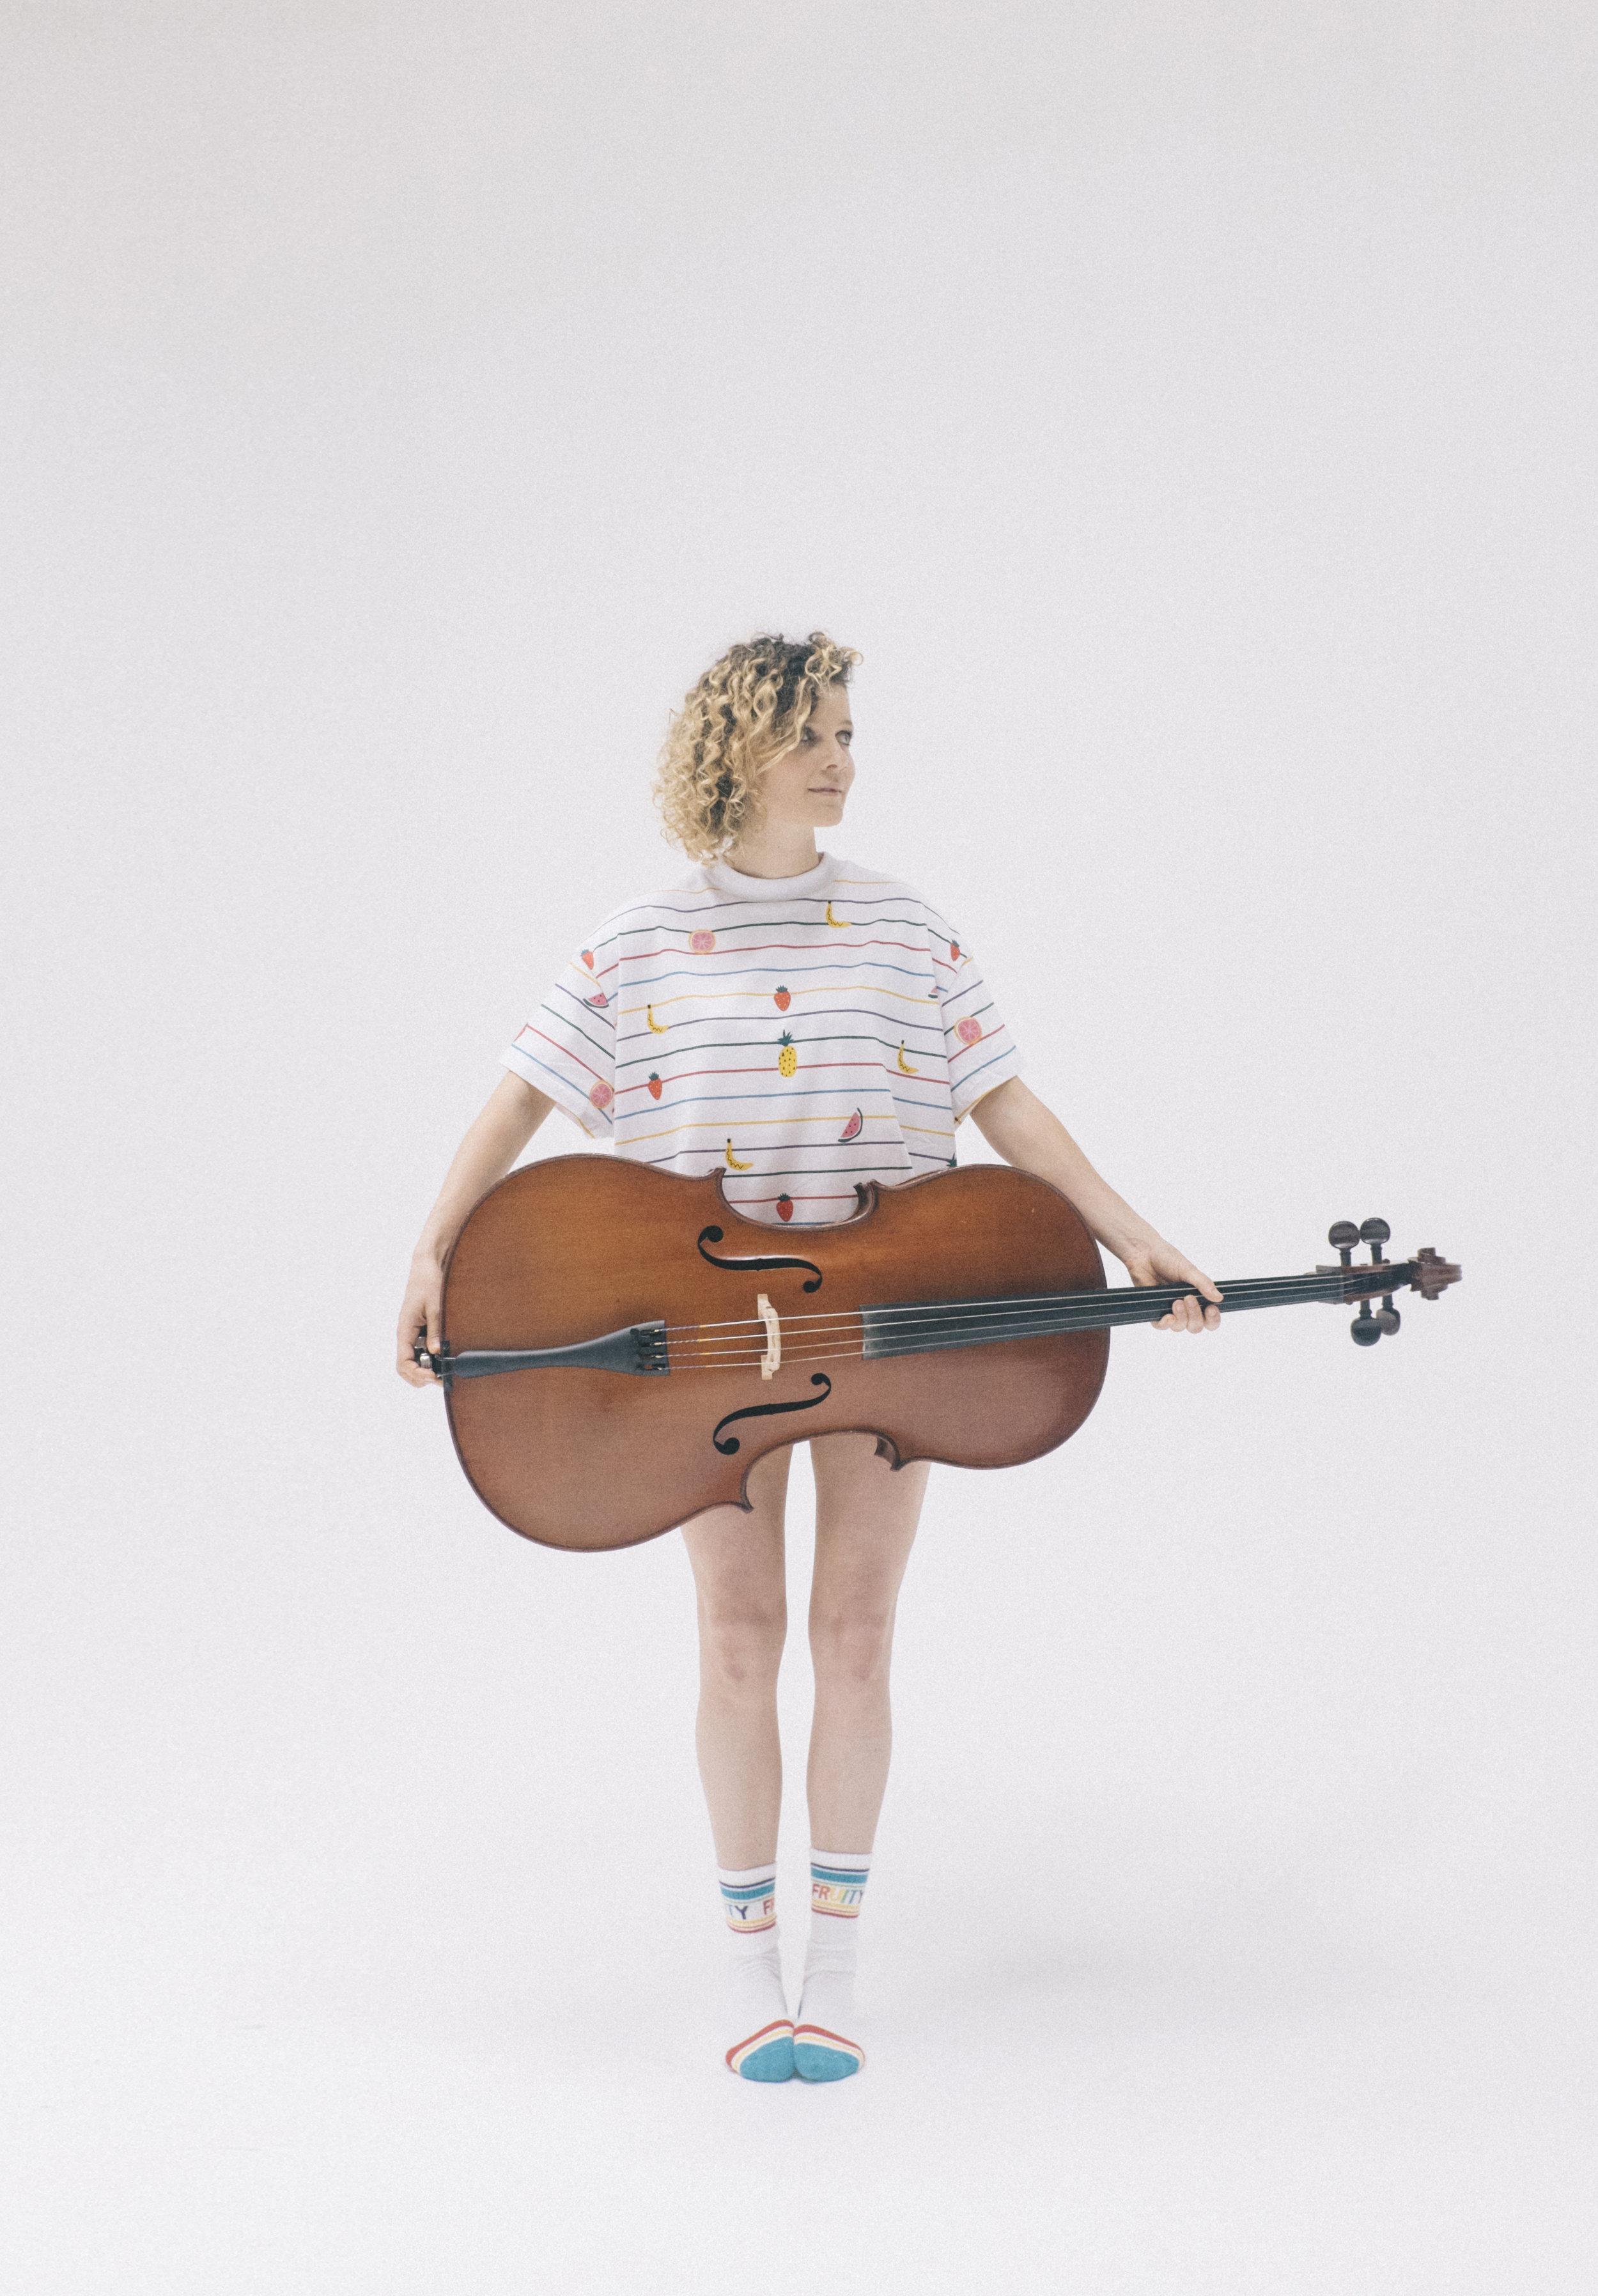 cello02.jpg